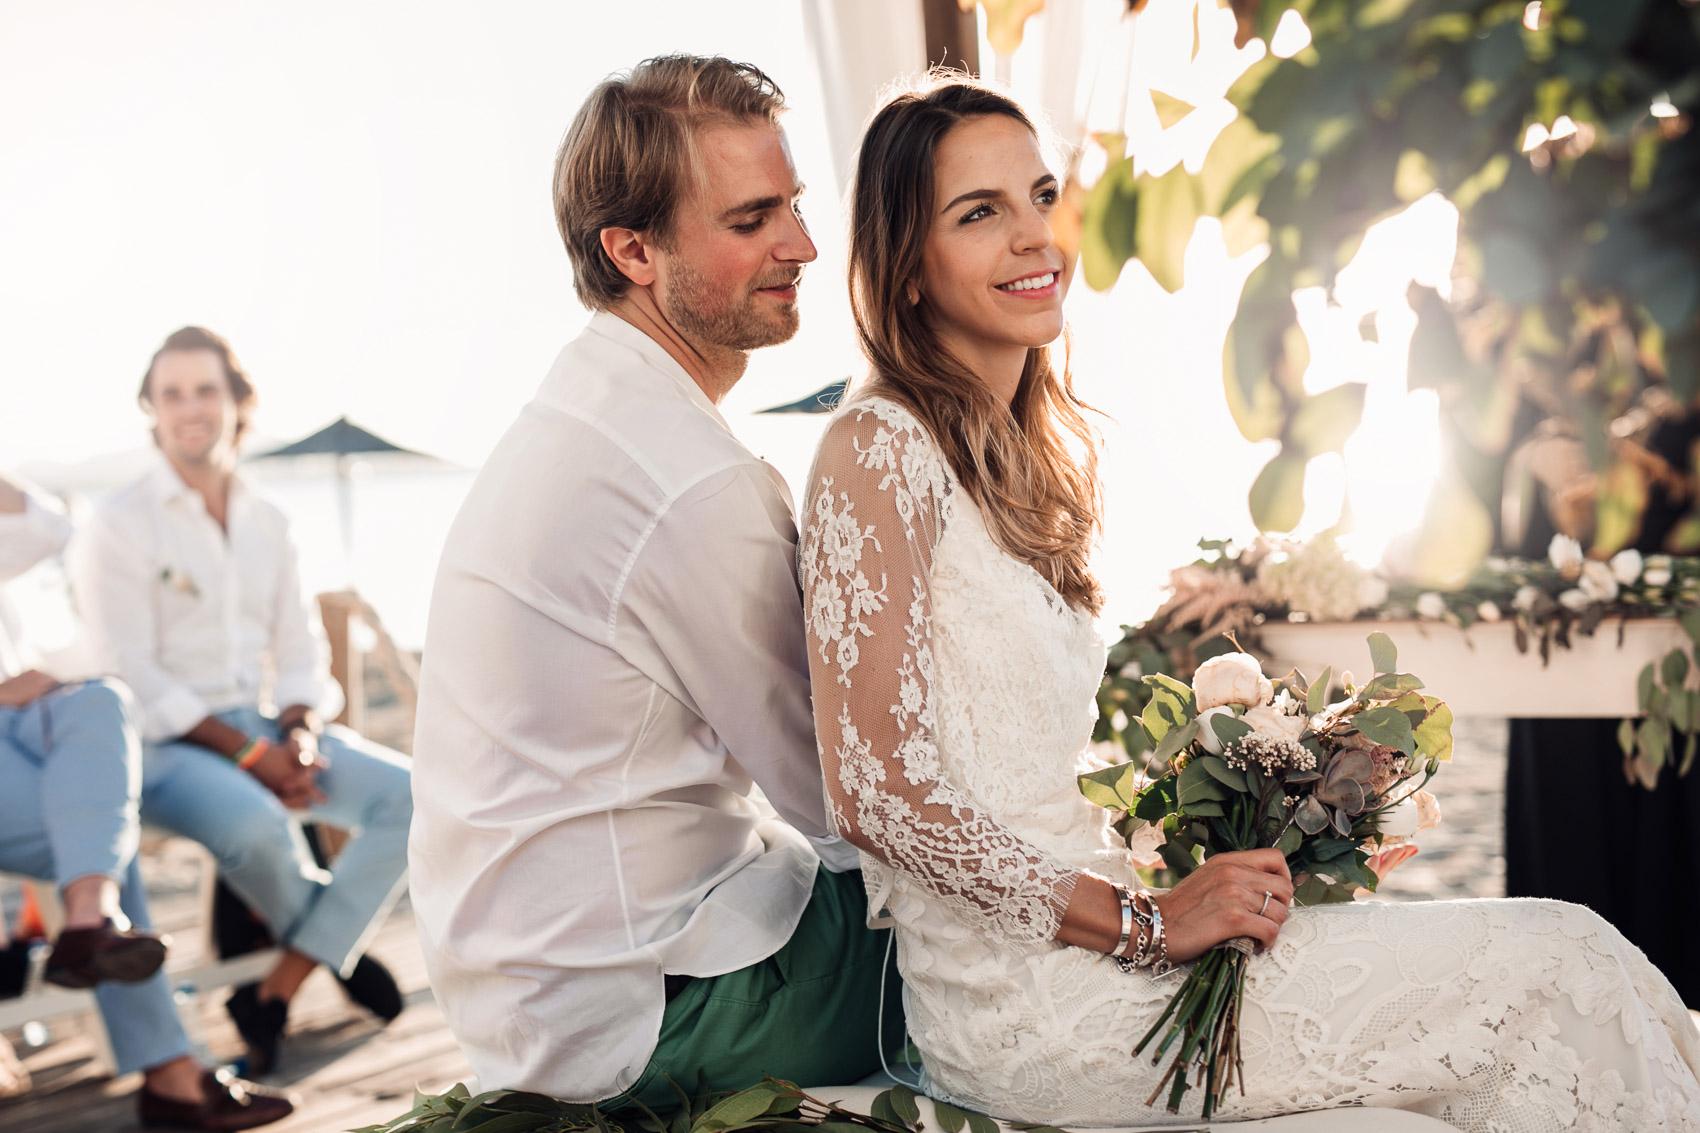 novios pareja mirada beach vestido camisa ramo wedding casados